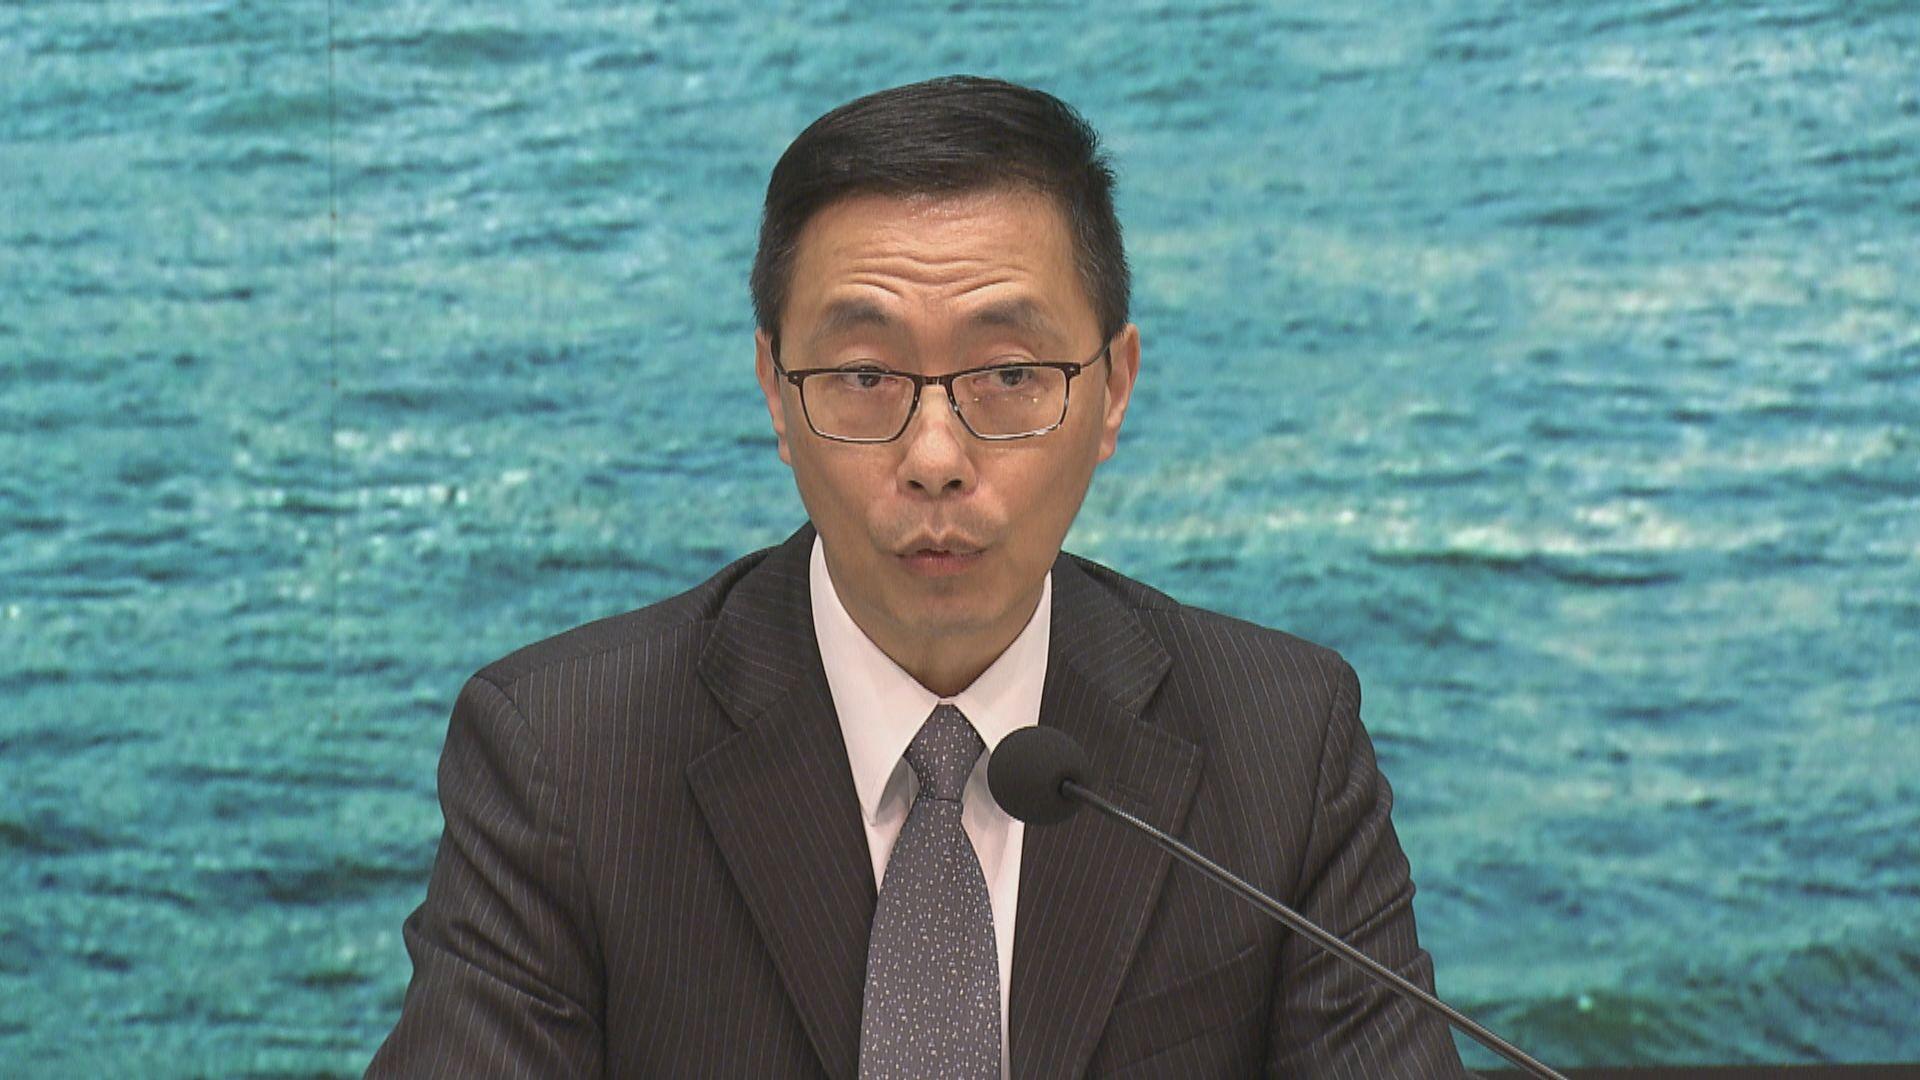 楊潤雄:將涉違規教師停職絕非未審先判